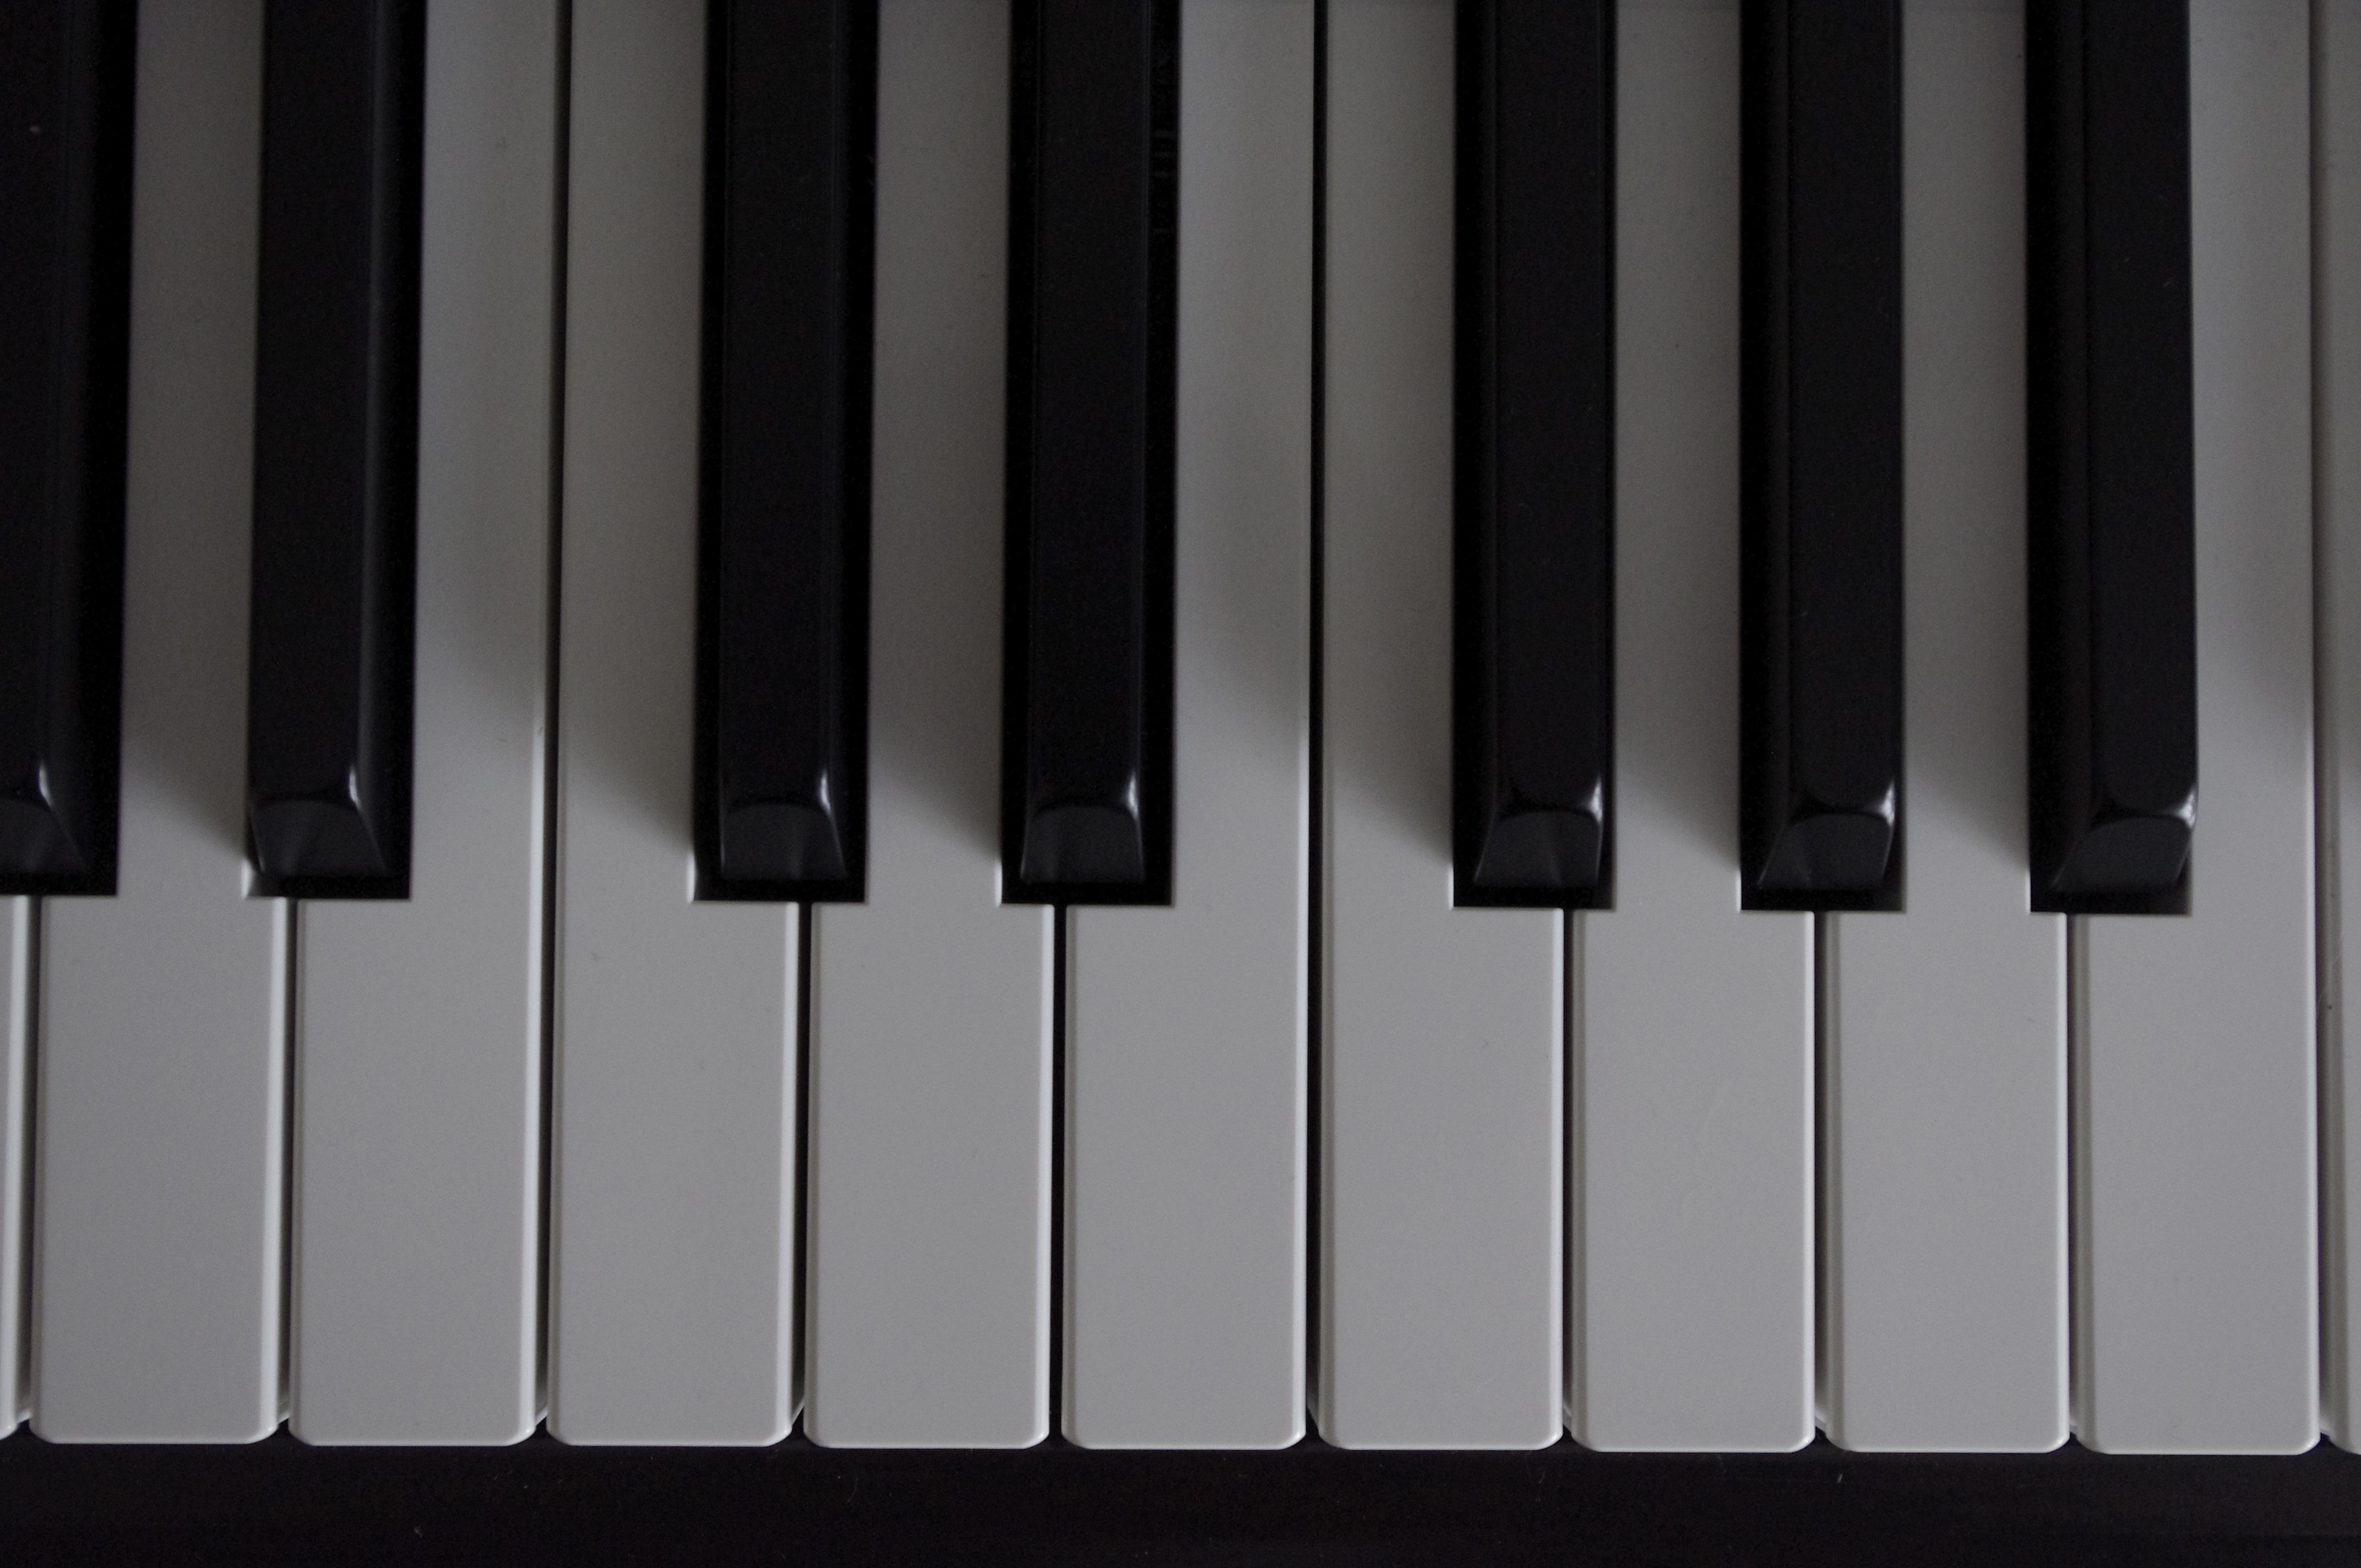 Клавиатура картинка фортепиано